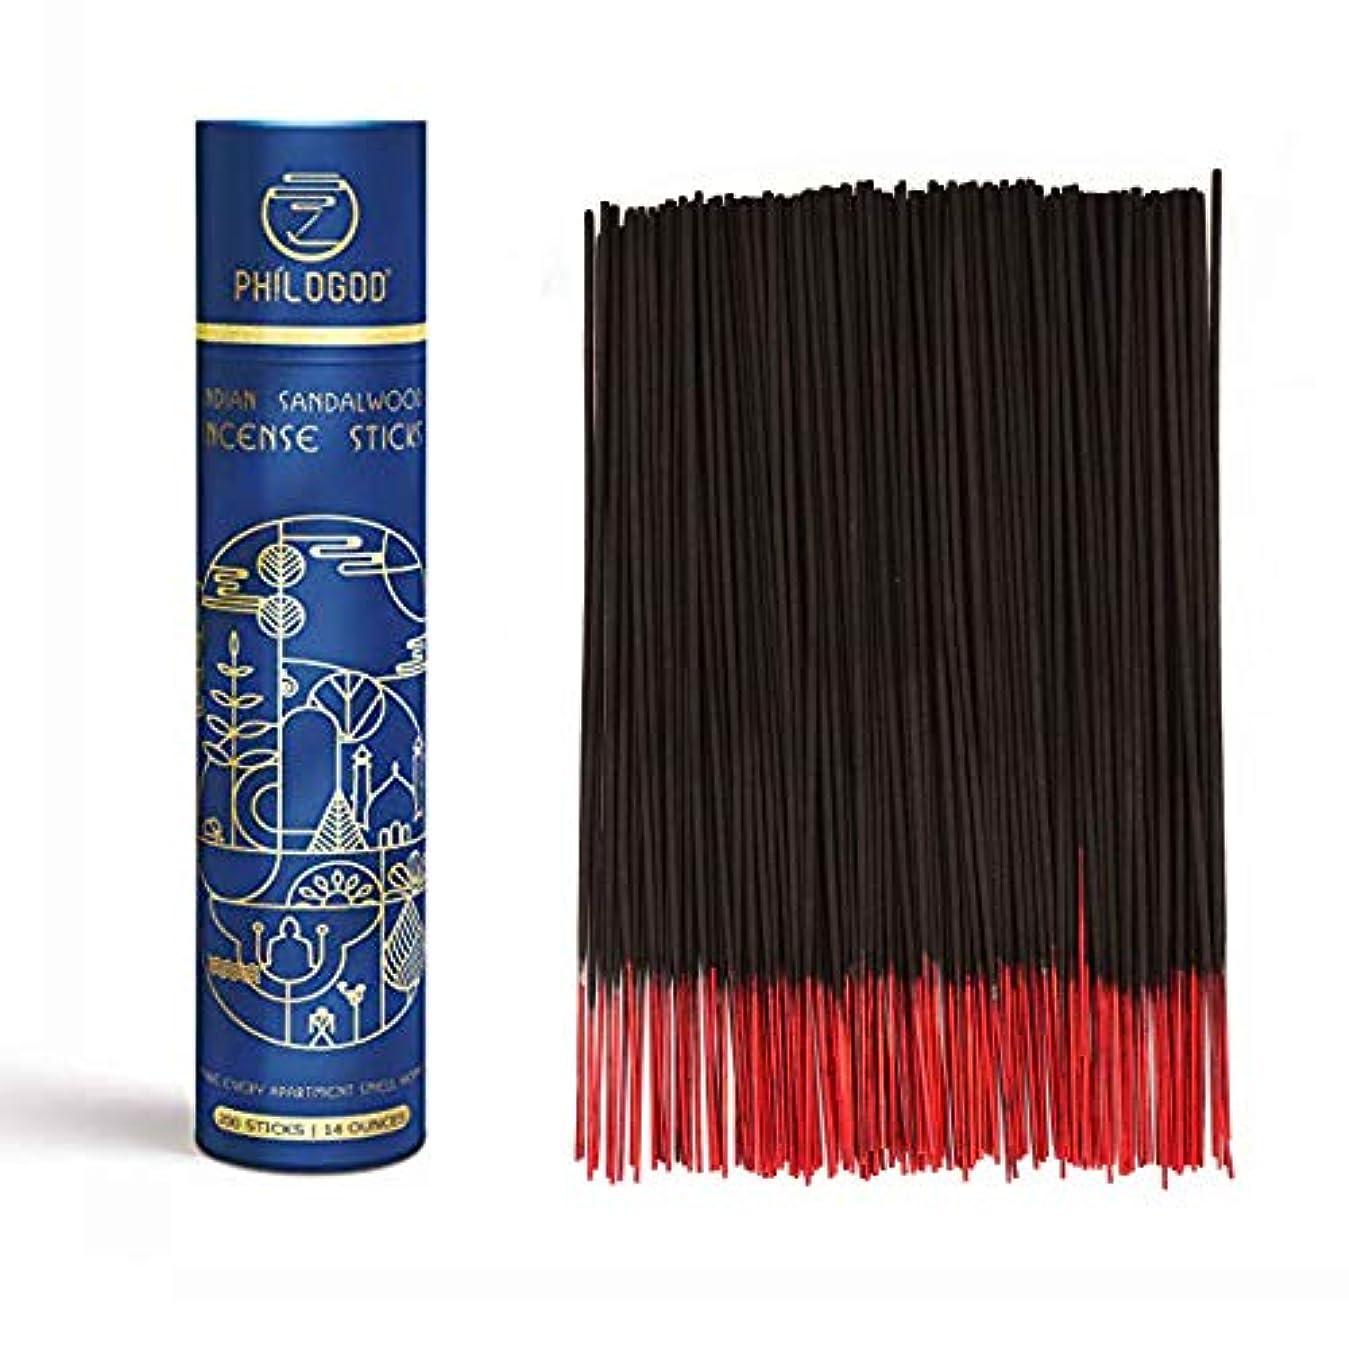 うぬぼれたまで品上質なインドお香スティック 手作り 100%ナチュラル 長続く線香 ヨガ瞑想 200本入れ (オリエンタル系)